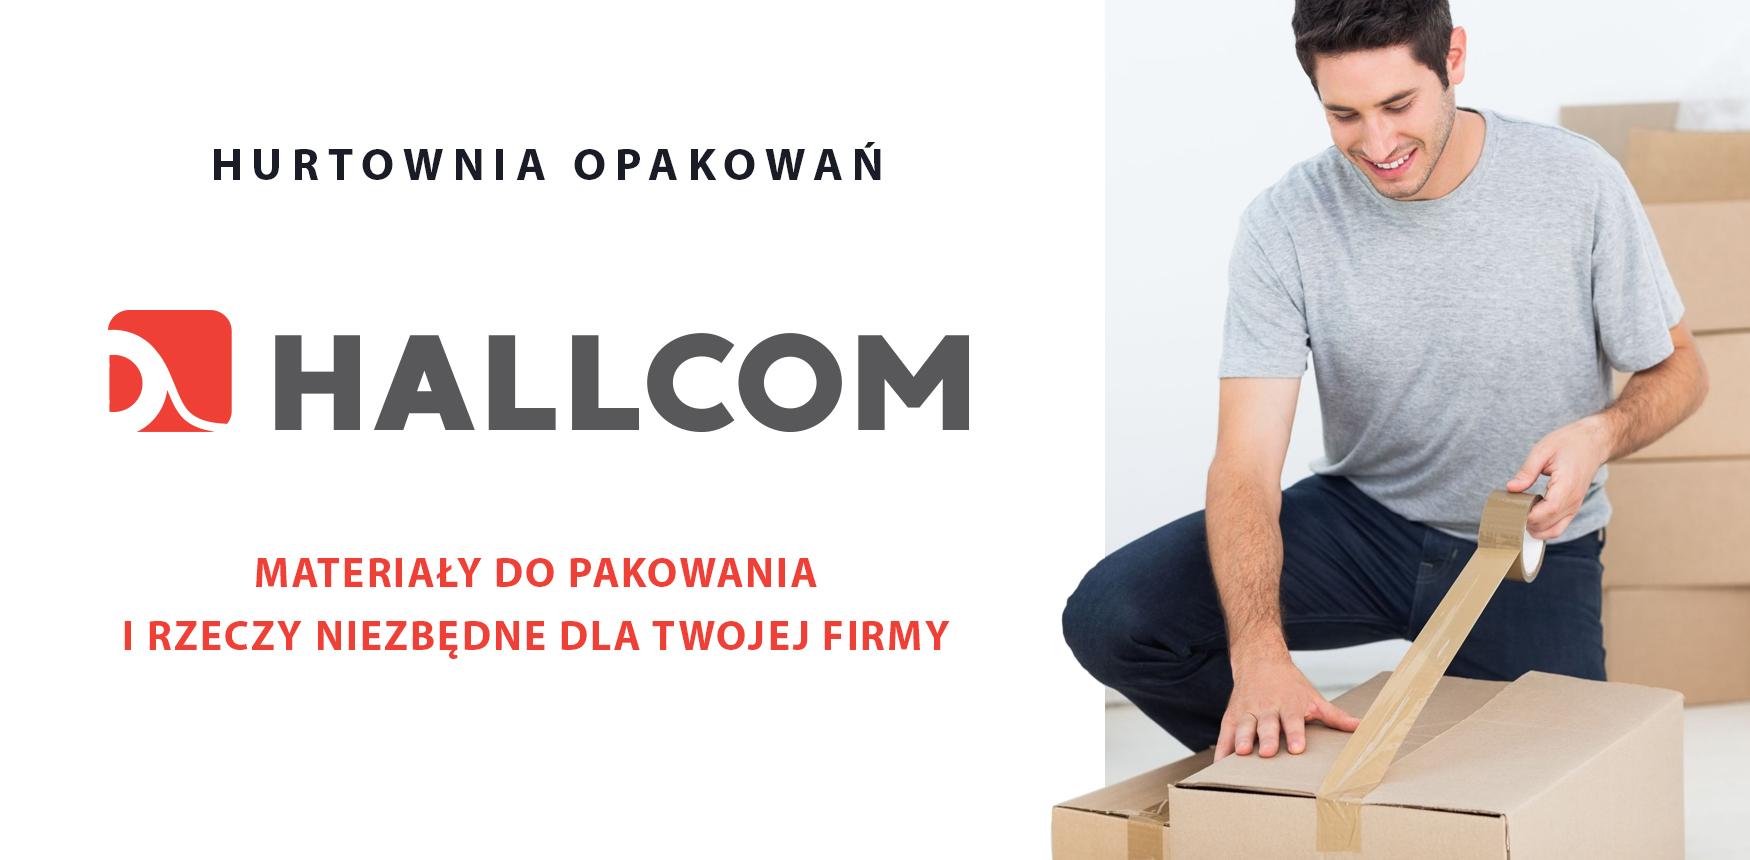 hallcom